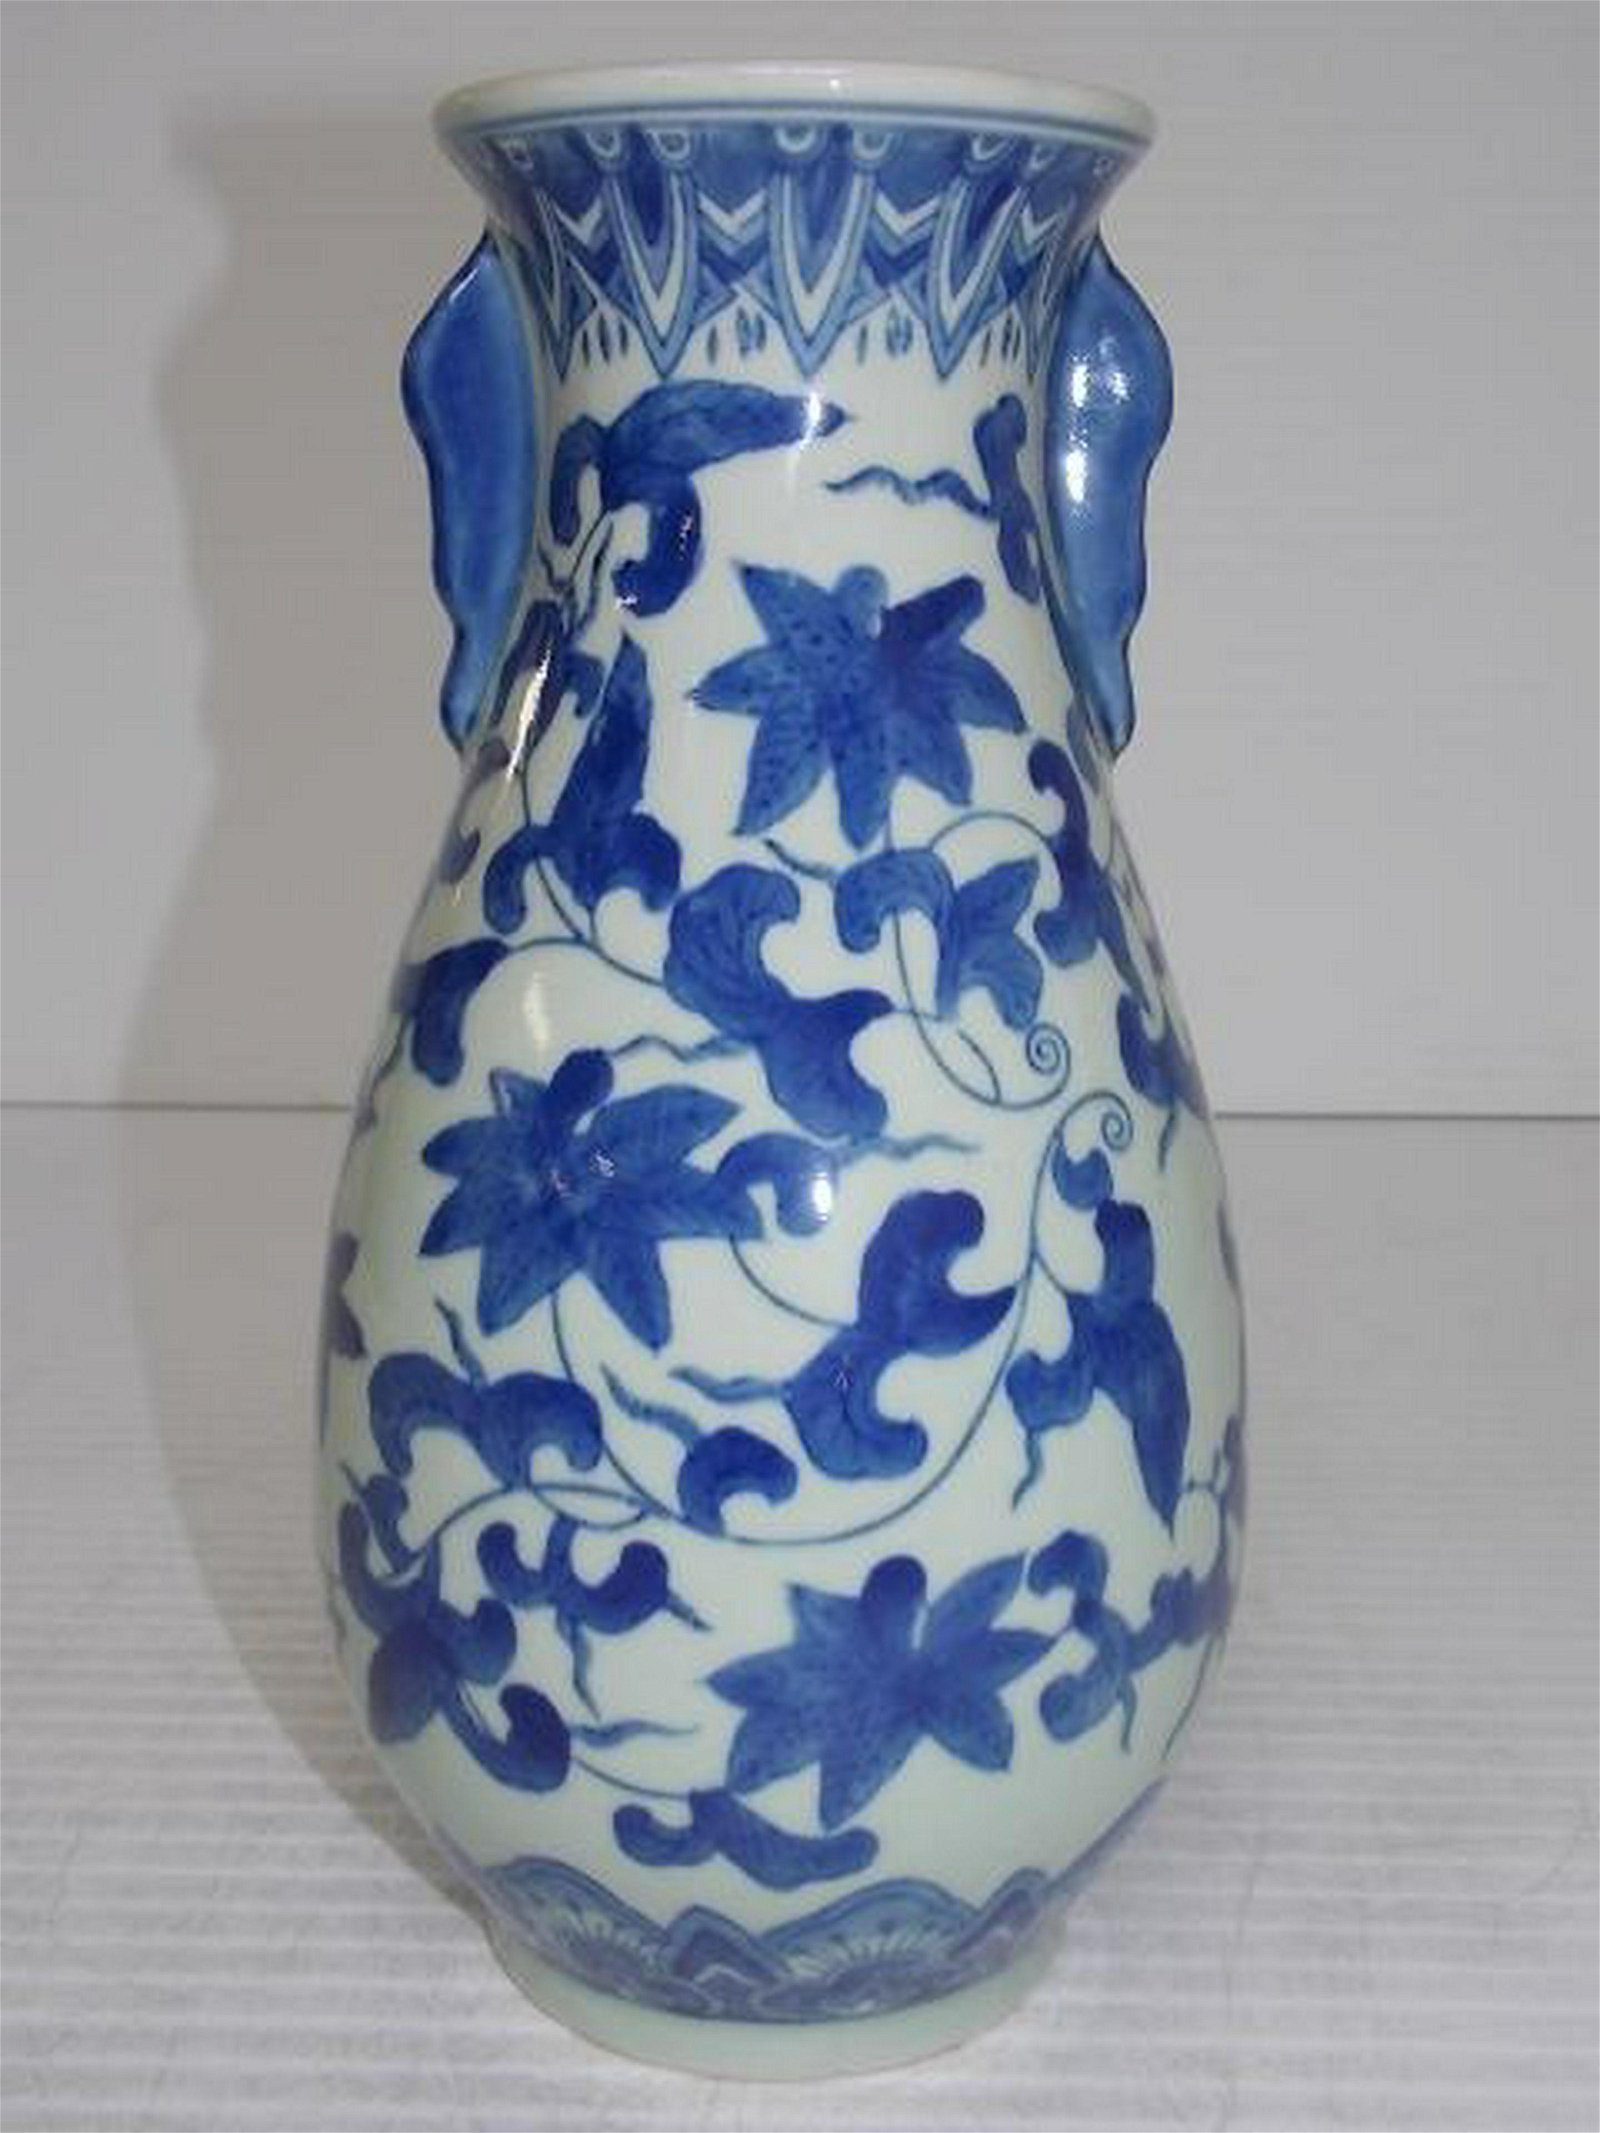 Decorative Chinese Blue & White Vase